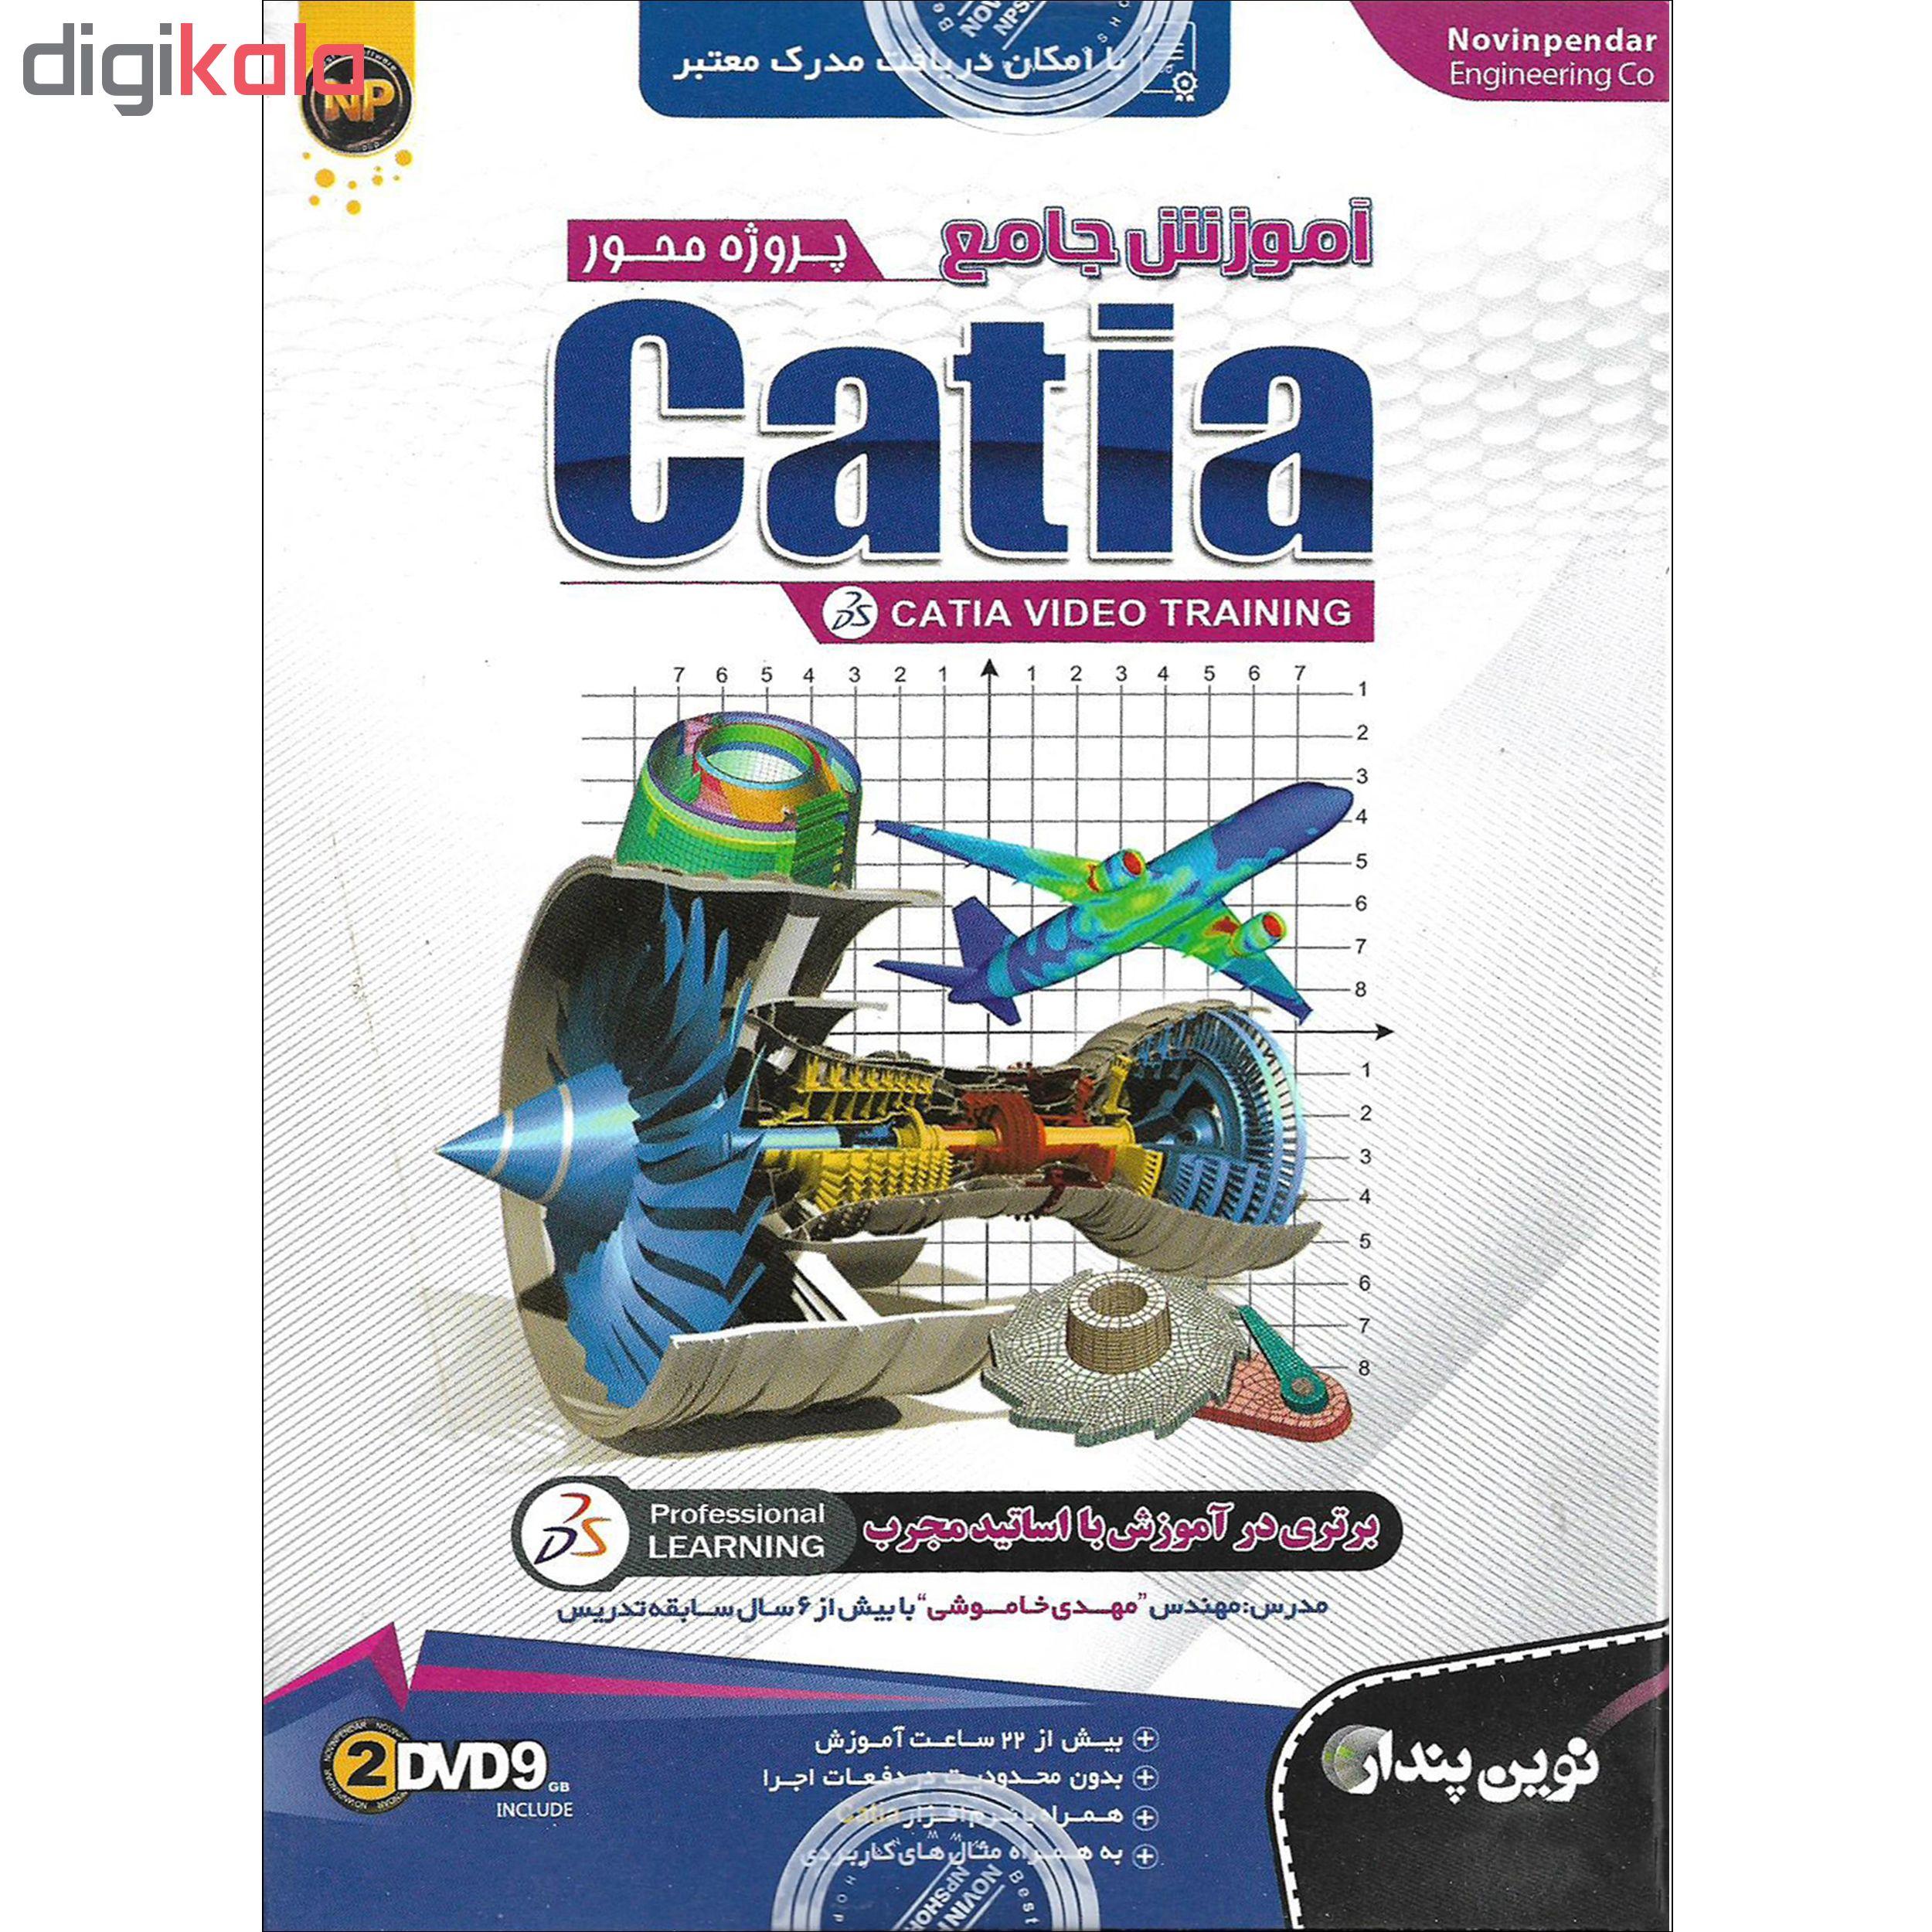 نرم افزار آموزش پروژه محور CATIA نشر نوین پندار به همراه نرم افزار آموزش SOLIDWORKS نشر پدیده